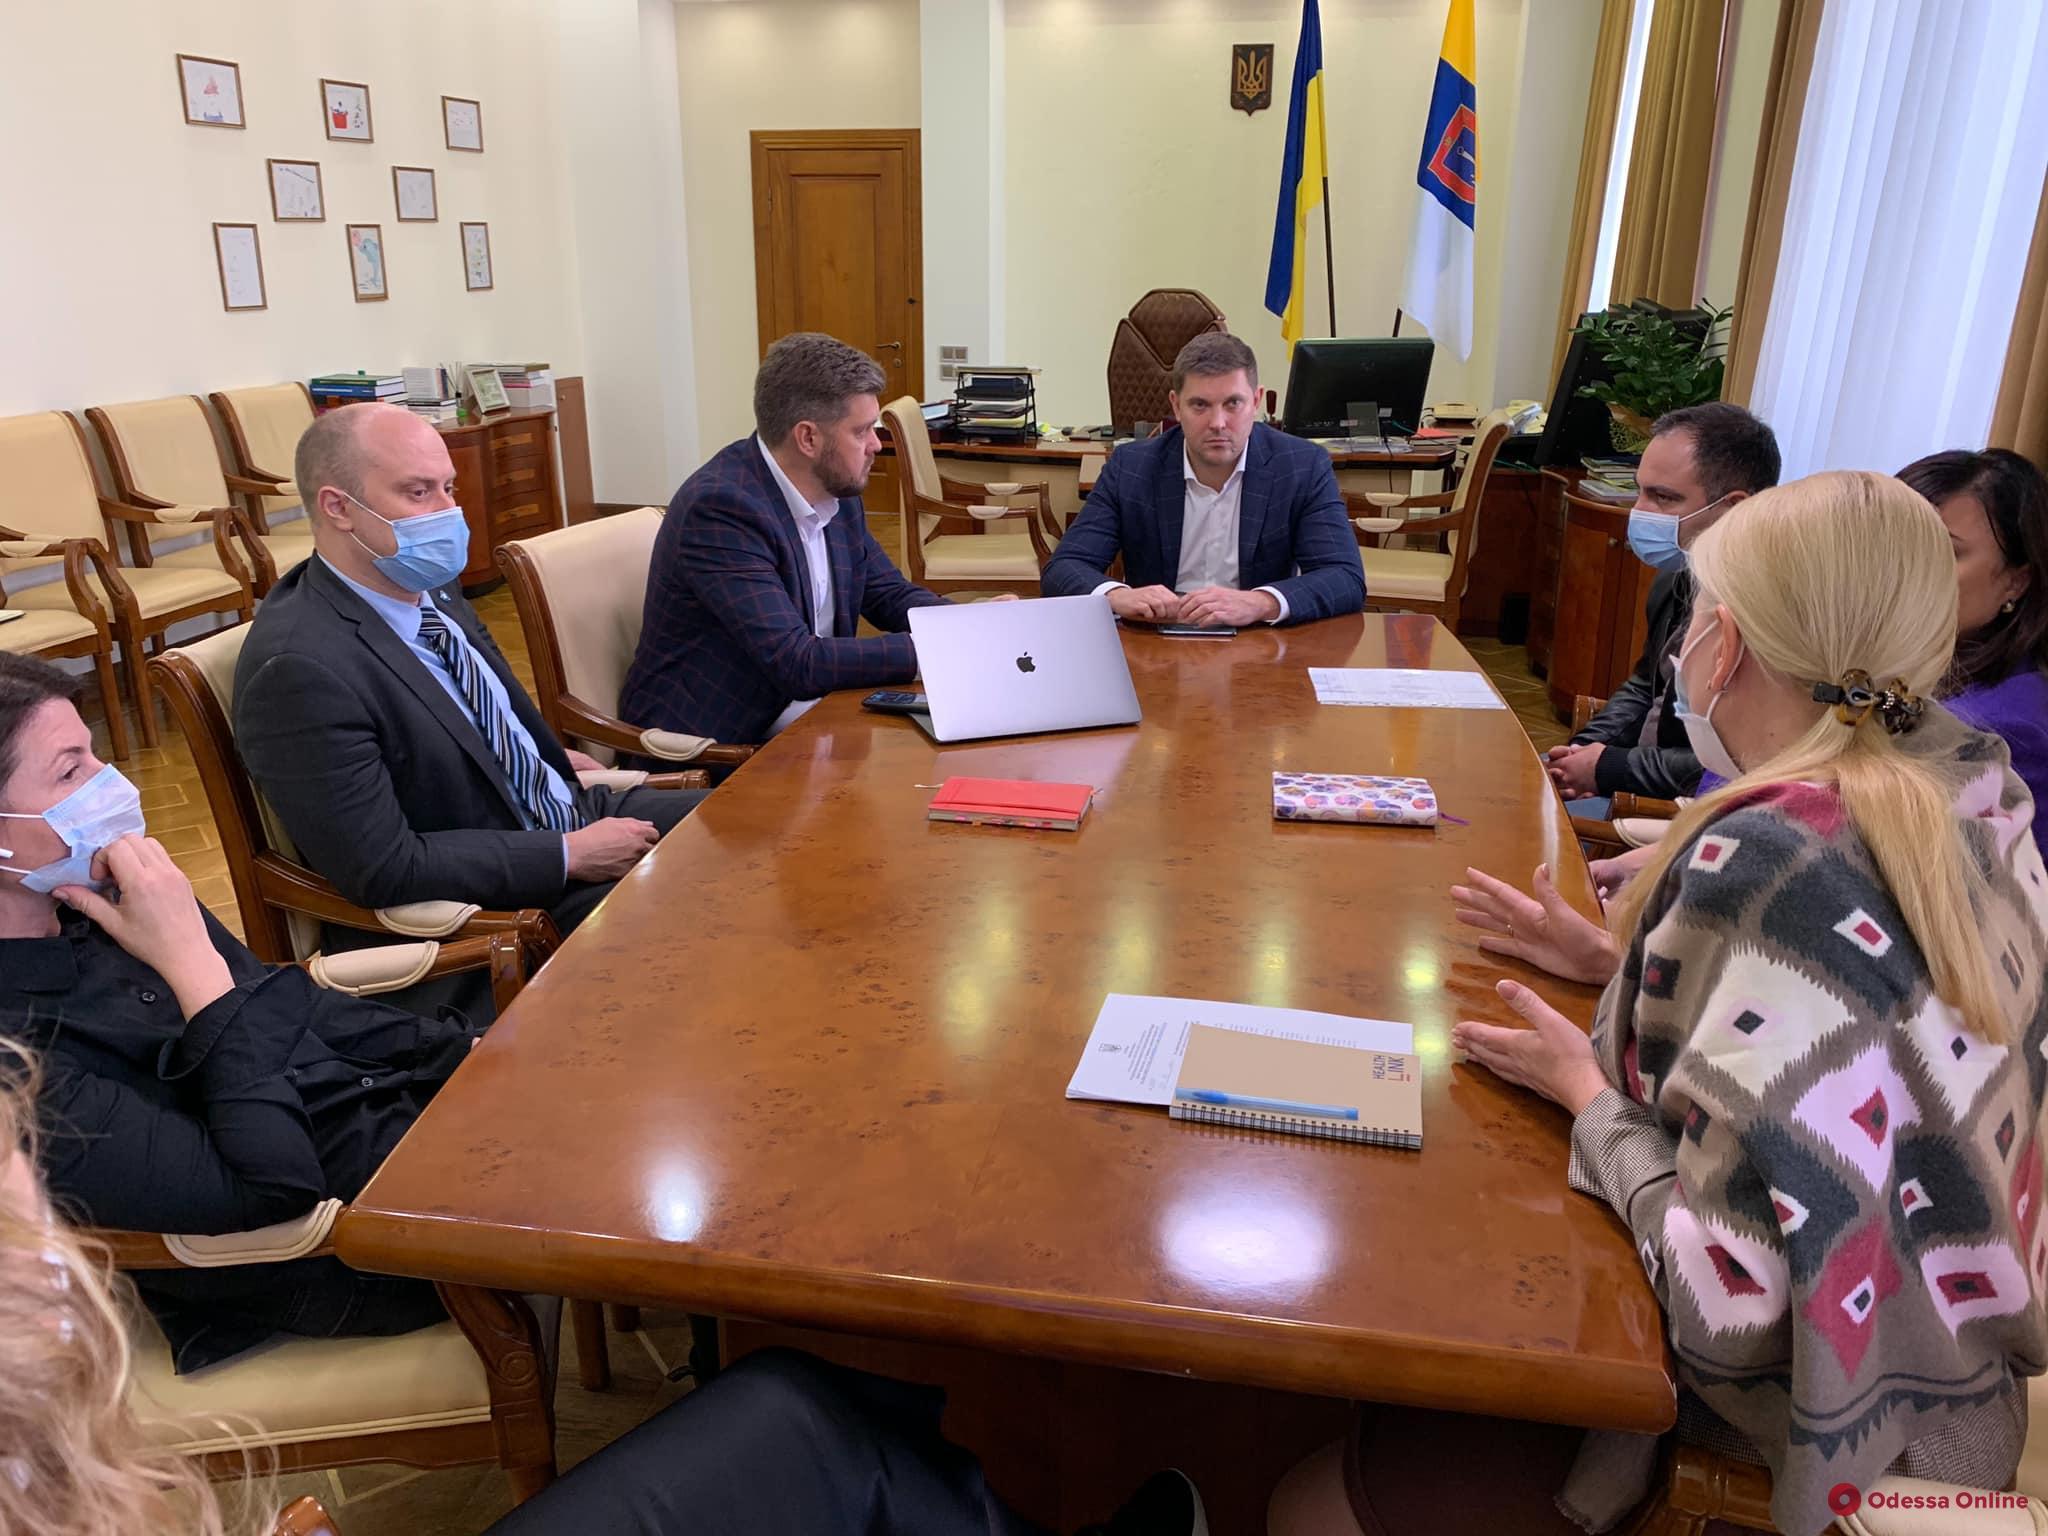 Губернатор Куцый заявил о намерении перепрофилировать четыре одесские больницы для приема пациентов с Covid-19